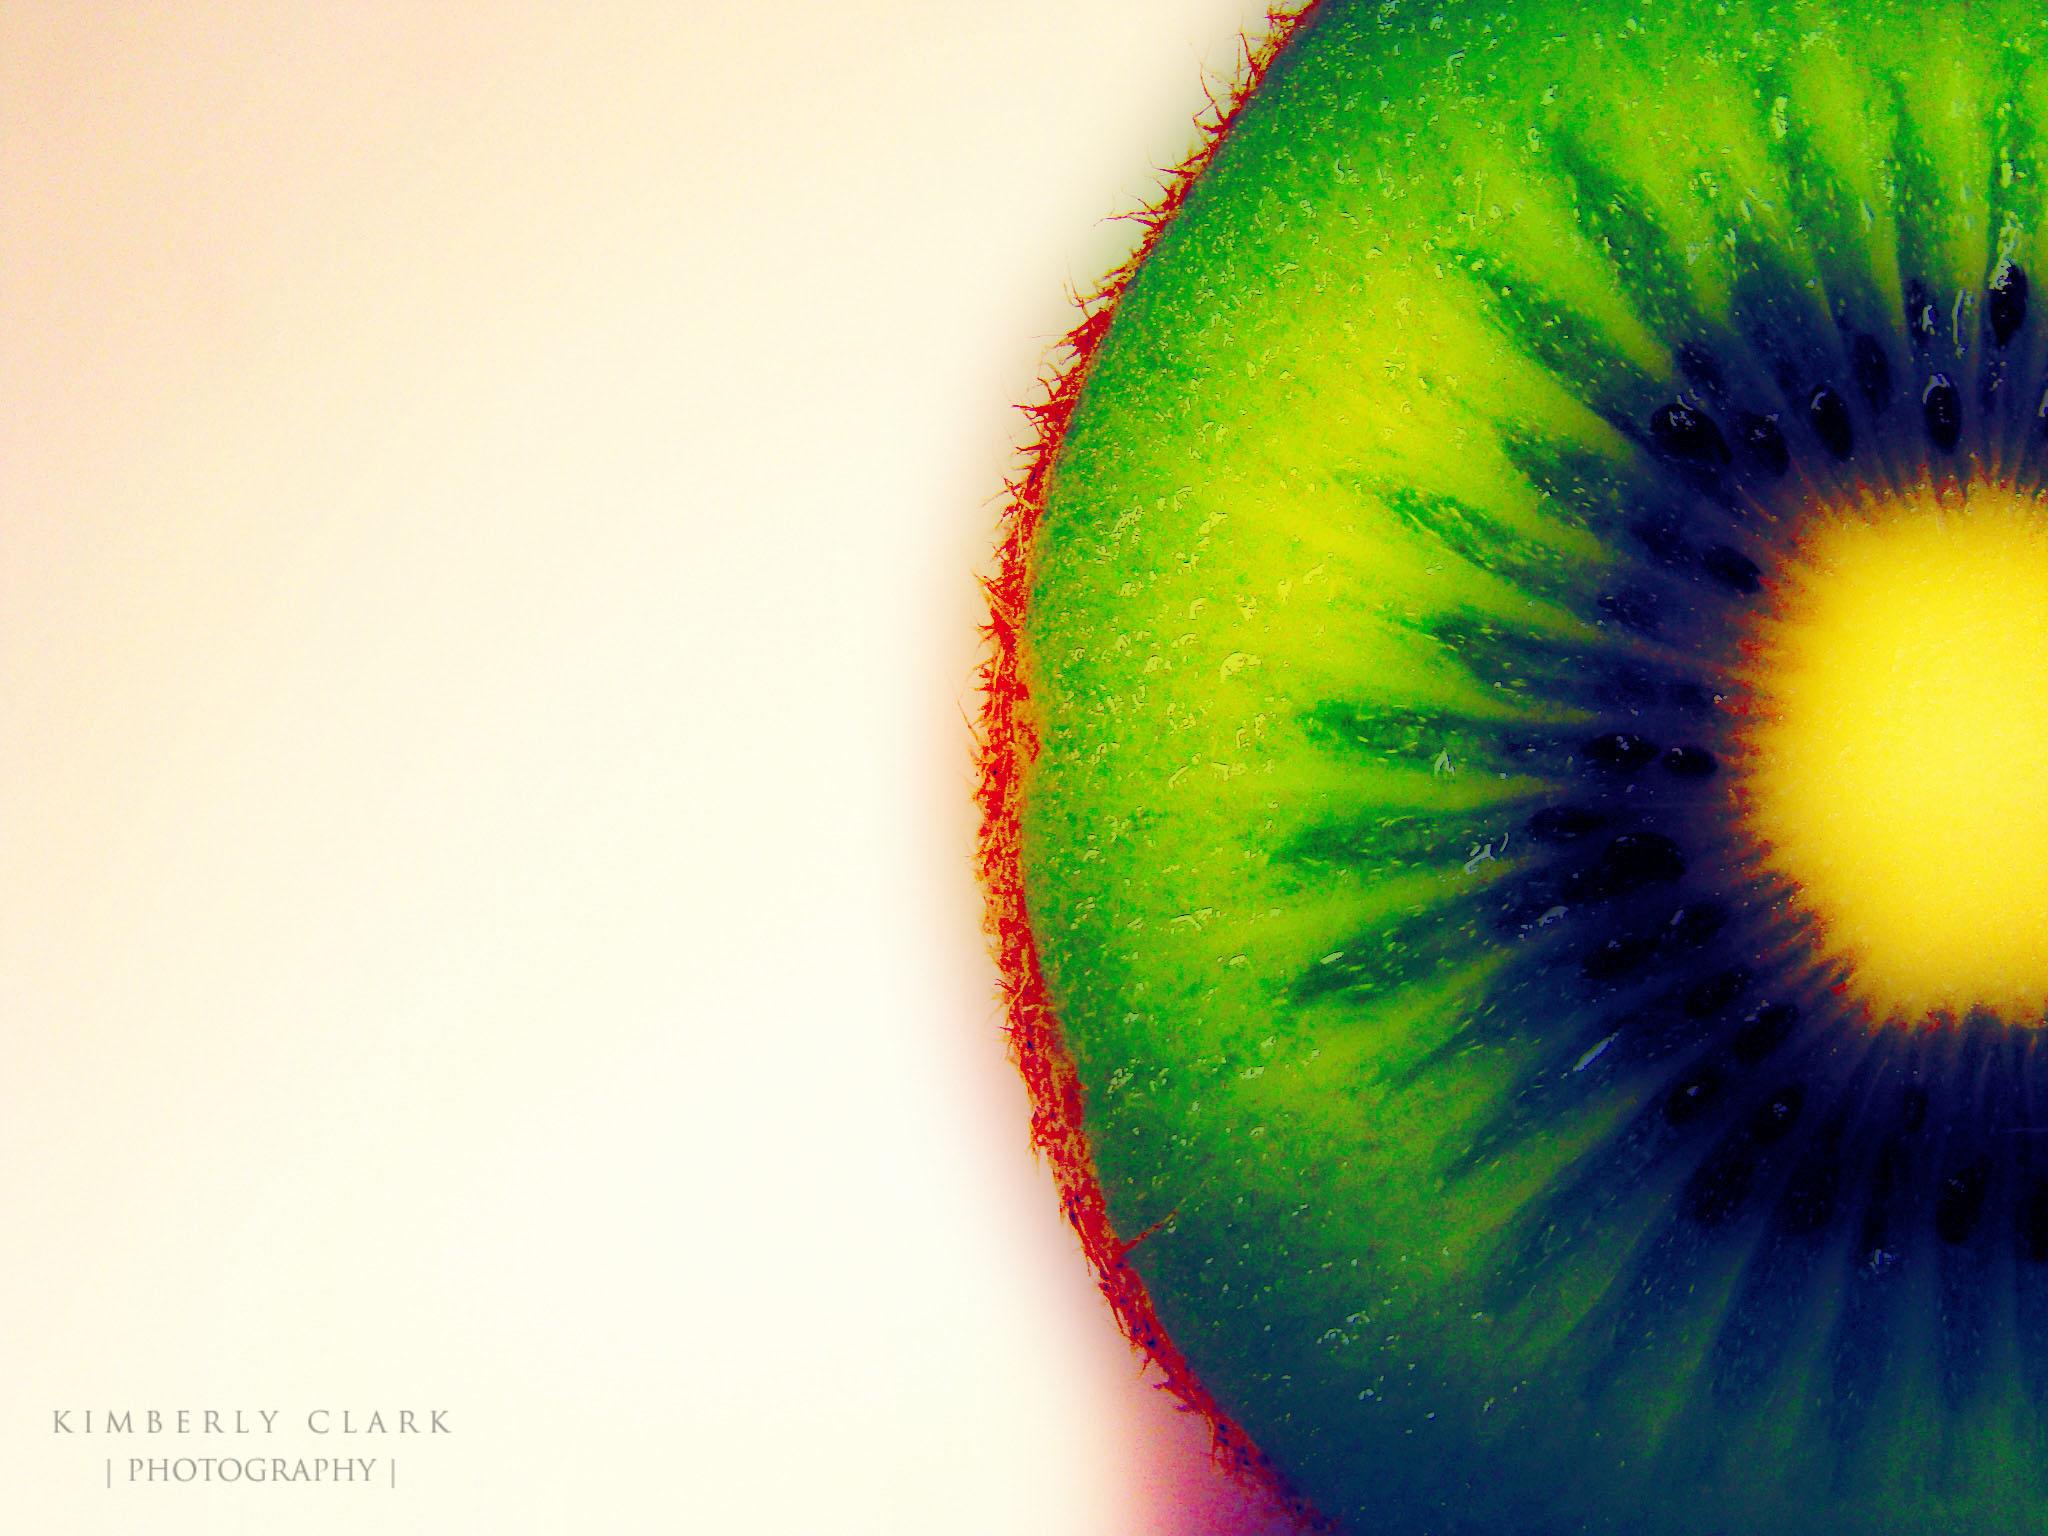 デスクトップ壁紙 緑 写真家 Hdr 新鮮な 虹彩 9月 木曜日